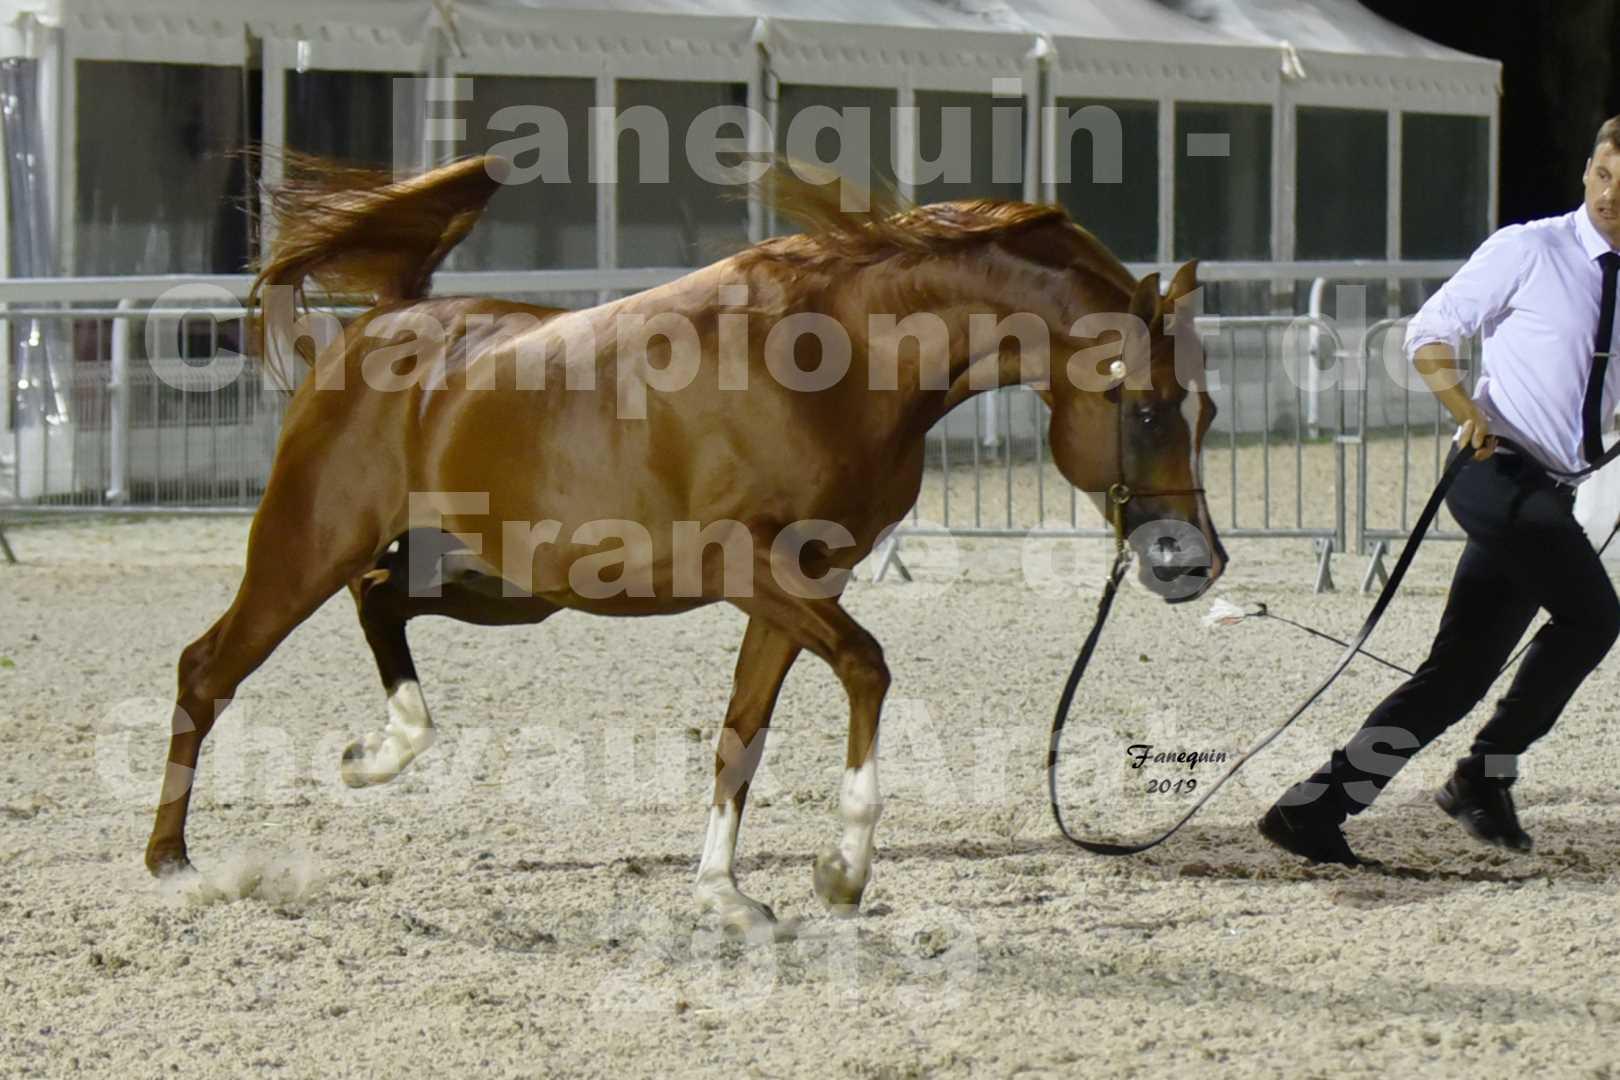 Championnat de France des chevaux Arabes en 2019 à VICHY - DZHARI NUNKI - 1